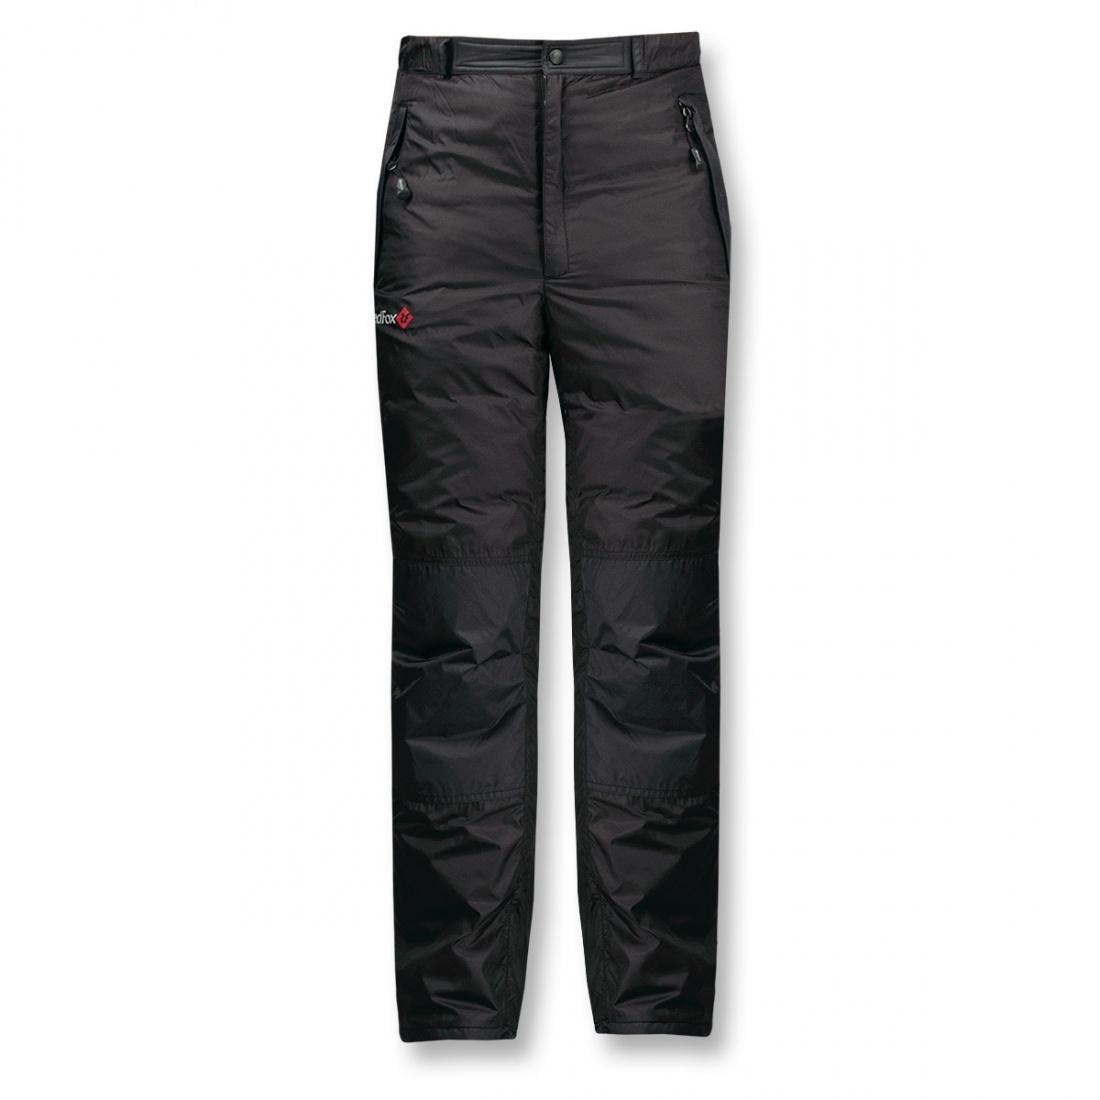 Брюки пуховые Ultra Light IIБрюки, штаны<br>Сверхлегкие теплые и удобные пуховые брюки из серии Mountain Sport.<br> <br><br>Материал – Pertex® Classic.<br>Утеплитель – гусиный пух (F.P. 600+)<br>...<br><br>Цвет: Черный<br>Размер: 50